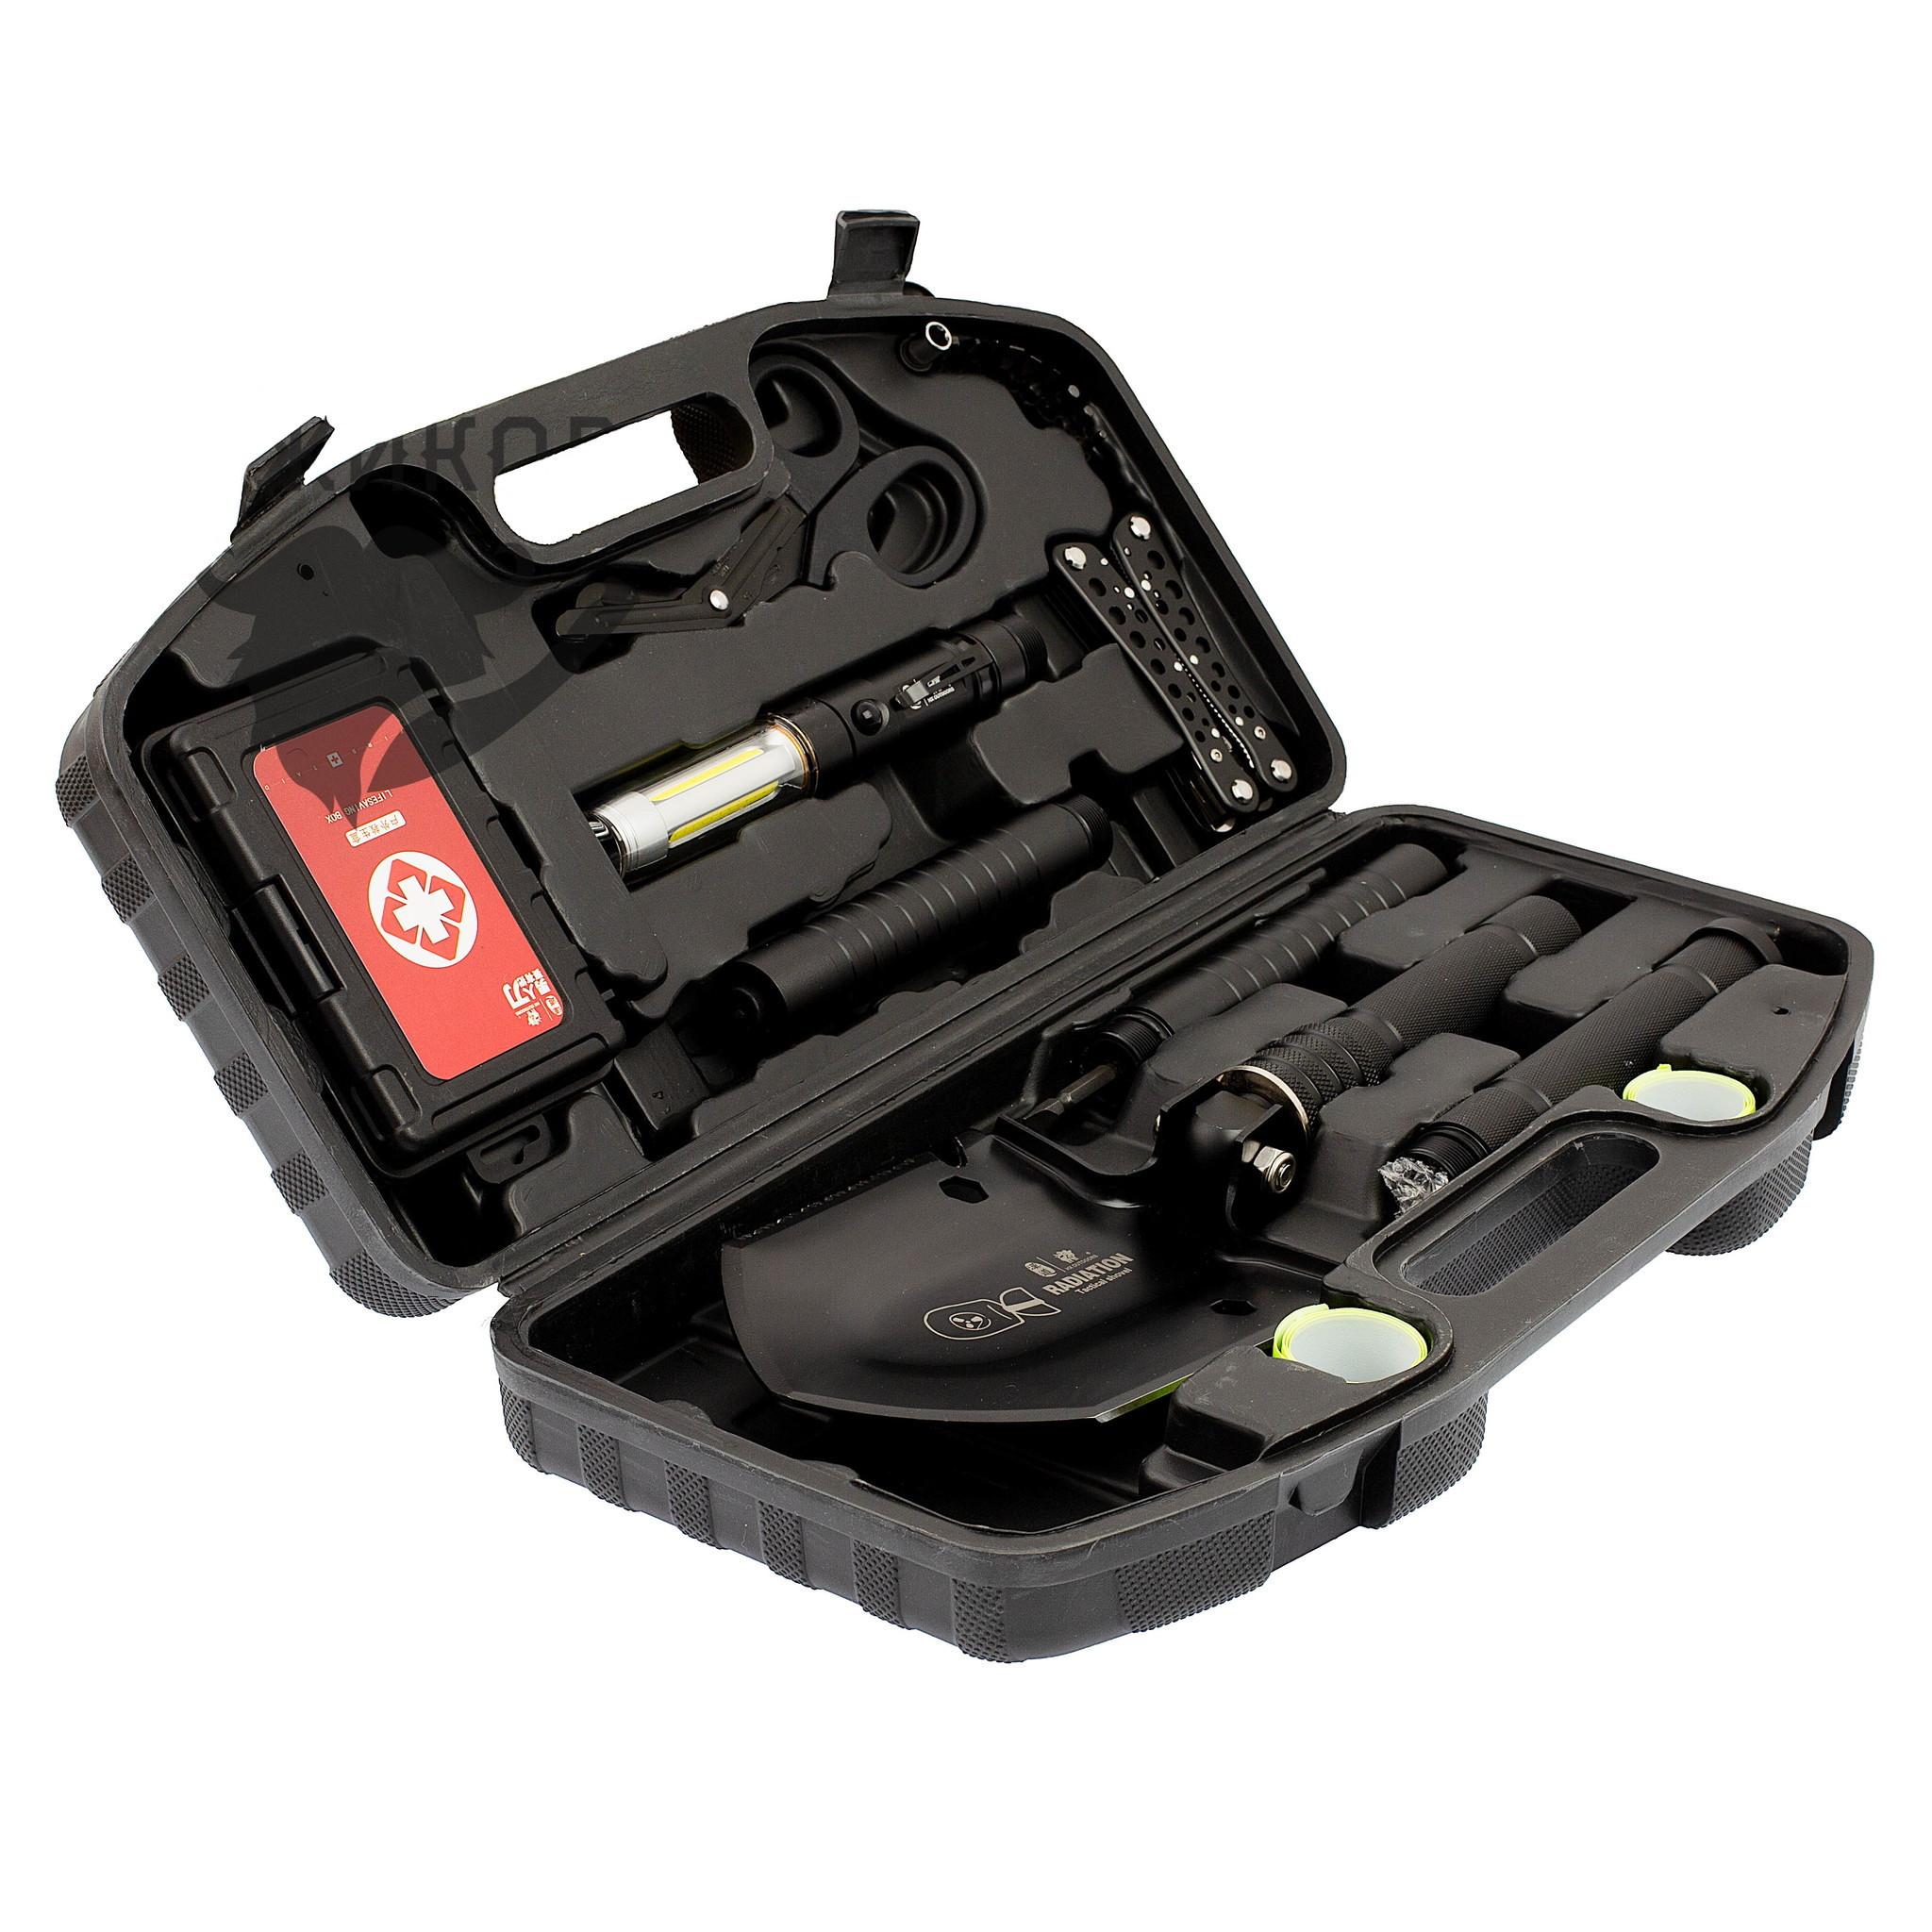 Автомобильный набор для выживания Emergency 15-в-1 с ножом от HX OUTDOORS